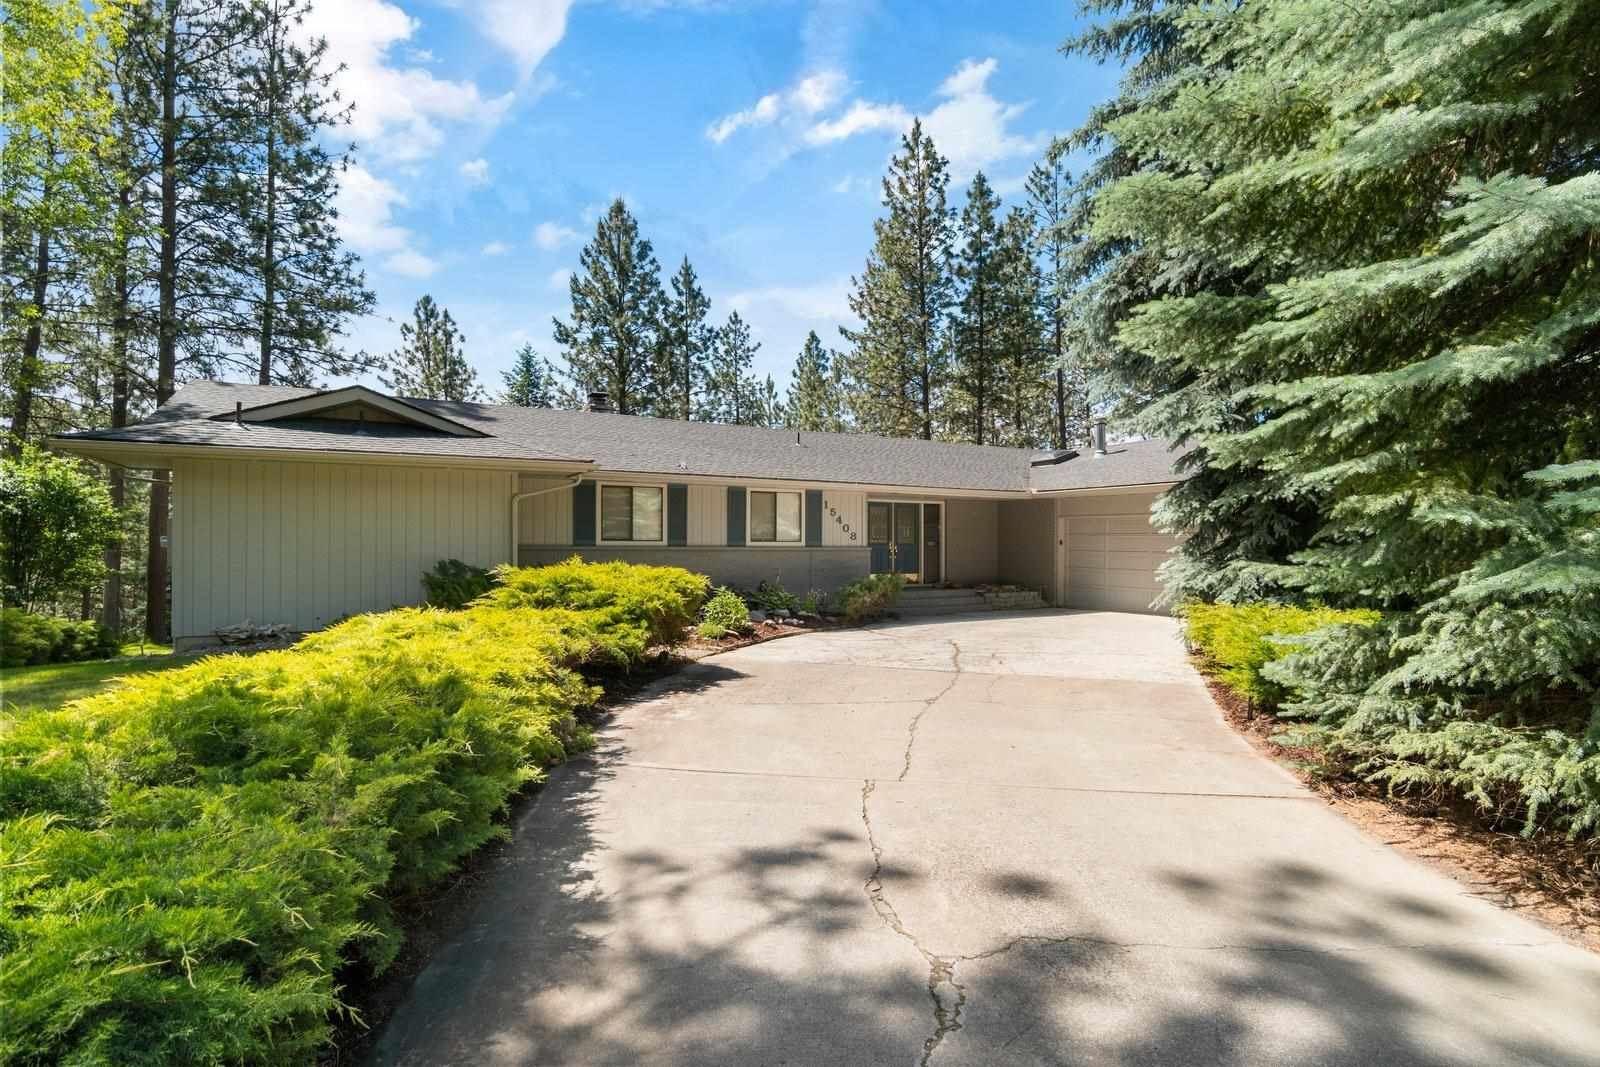 15408 N Fircrest Cir, Spokane, WA 99208 - #: 202123620